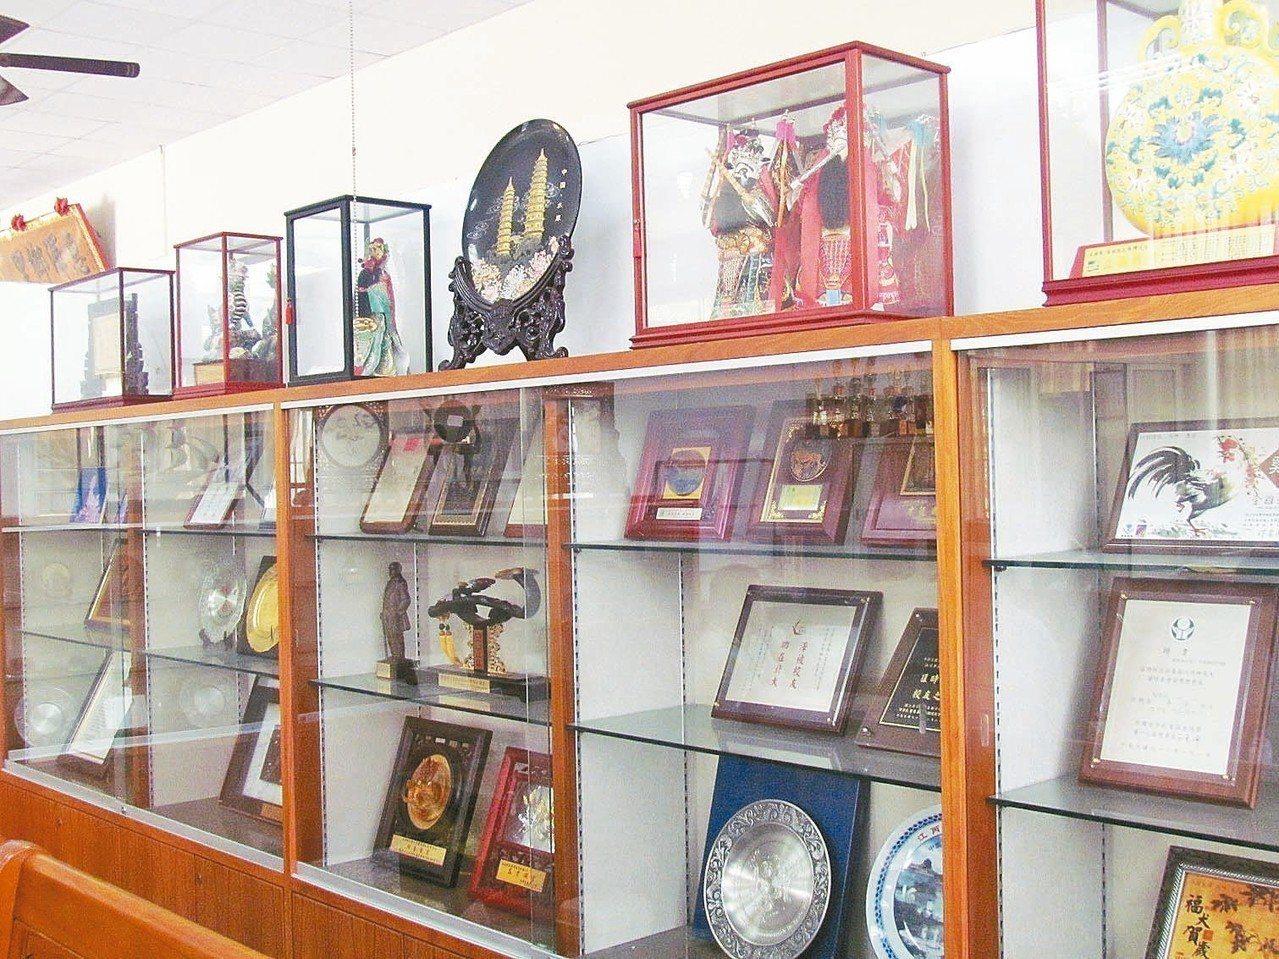 「江丙坤文物陳列館」裡陳列著江丙坤的獎牌和照片文物等。 記者張家樂/攝影